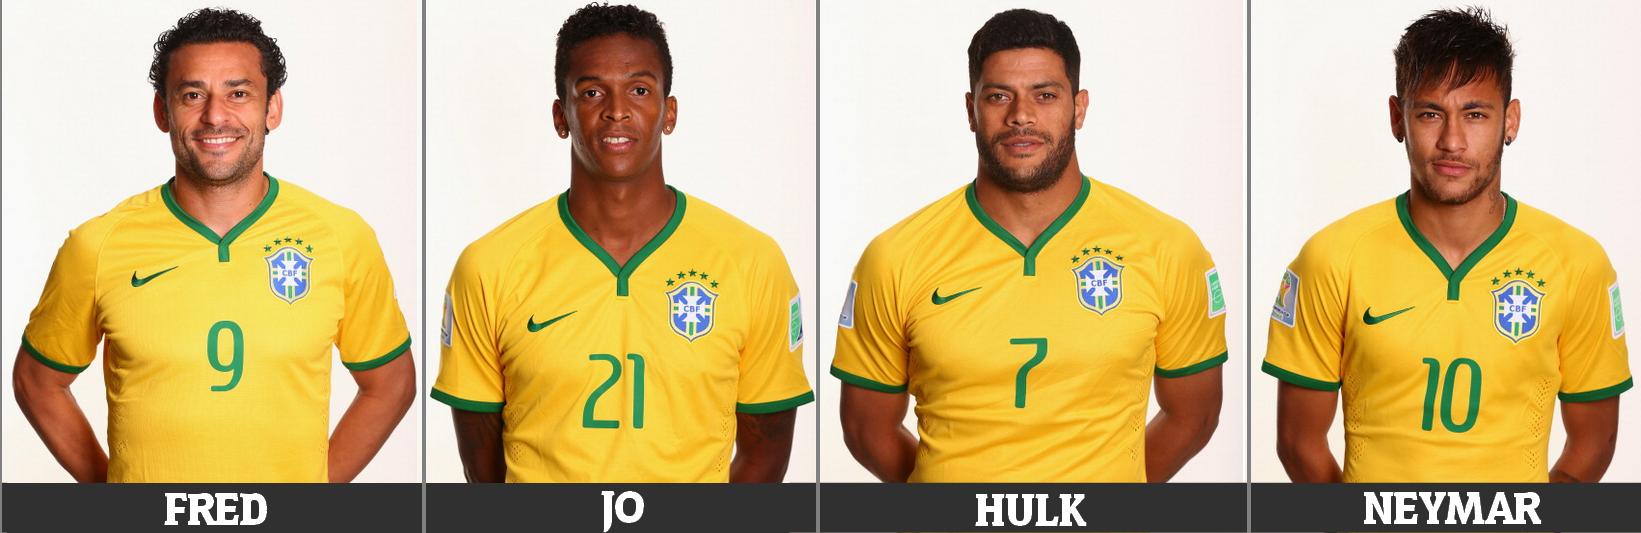 Neymar x Ronaldinho   [ eu que fiz, porra, olha ai e diz oq acha, NAMORAL]  01bb9c44cd2c5140e89ff558f5be448c